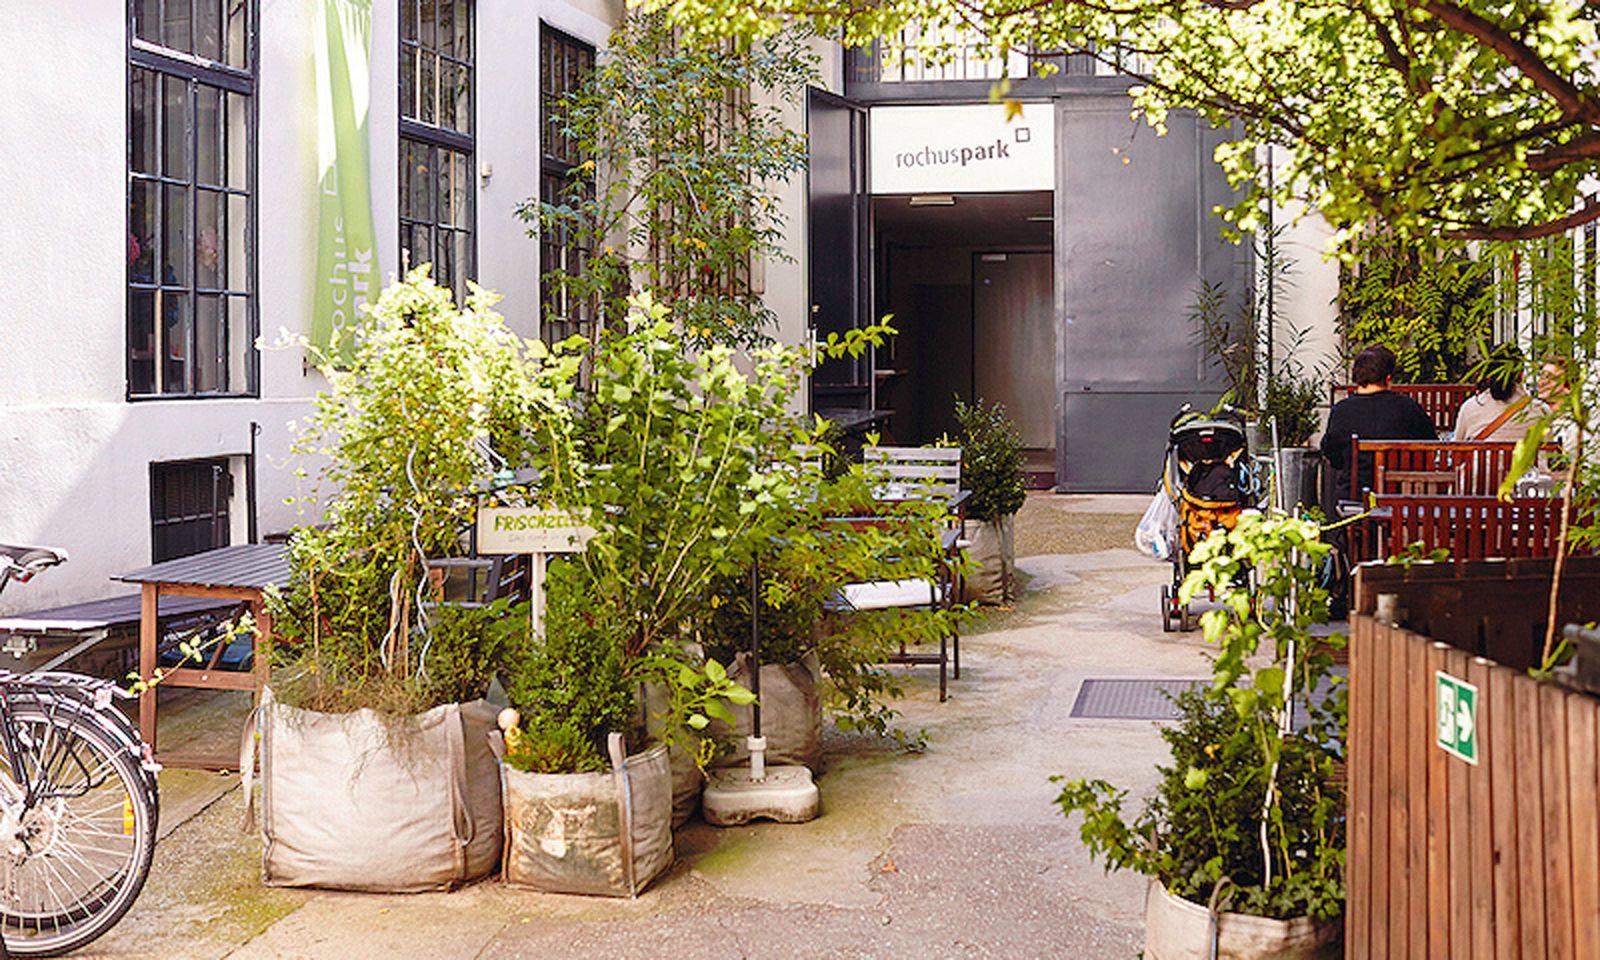 Gemütliche Ecke 2: Der grüne Eingangsbereich zum Rochuspark in Wien Landstraße wird auch als Kommunikationsort genutzt.